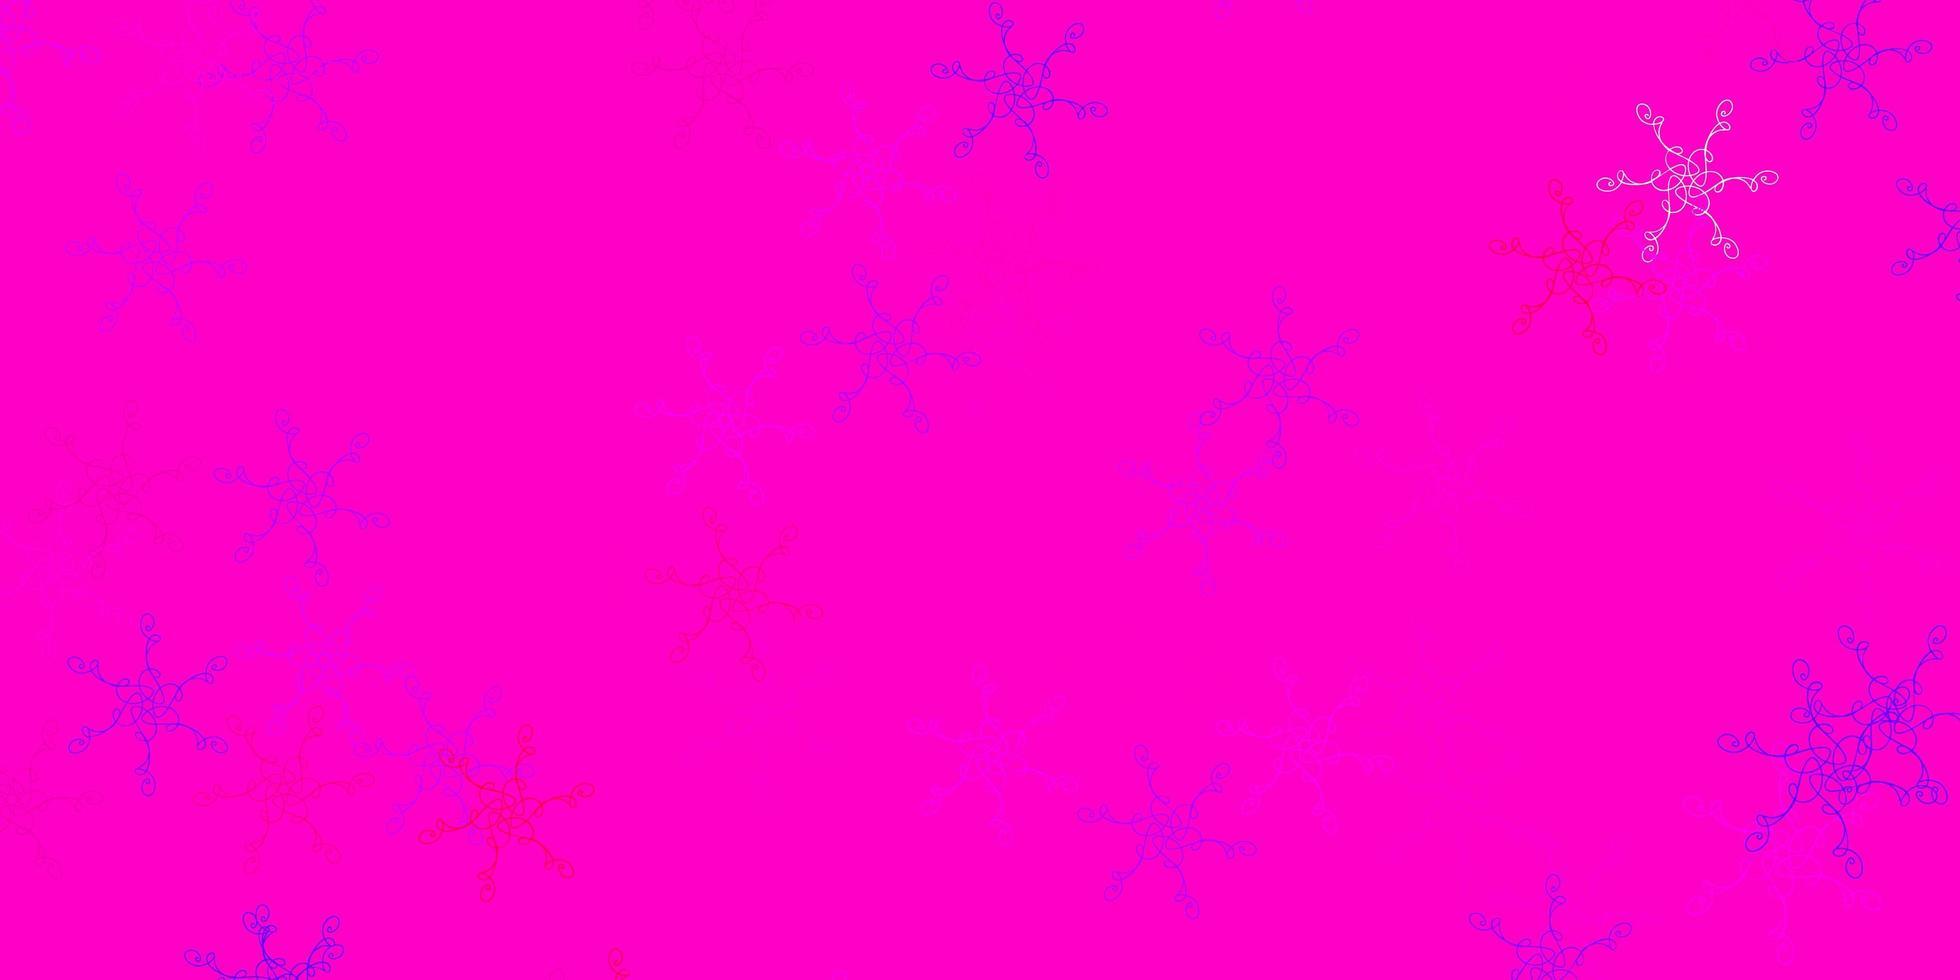 ljuslila, rosa vektormall med böjda linjer. vektor